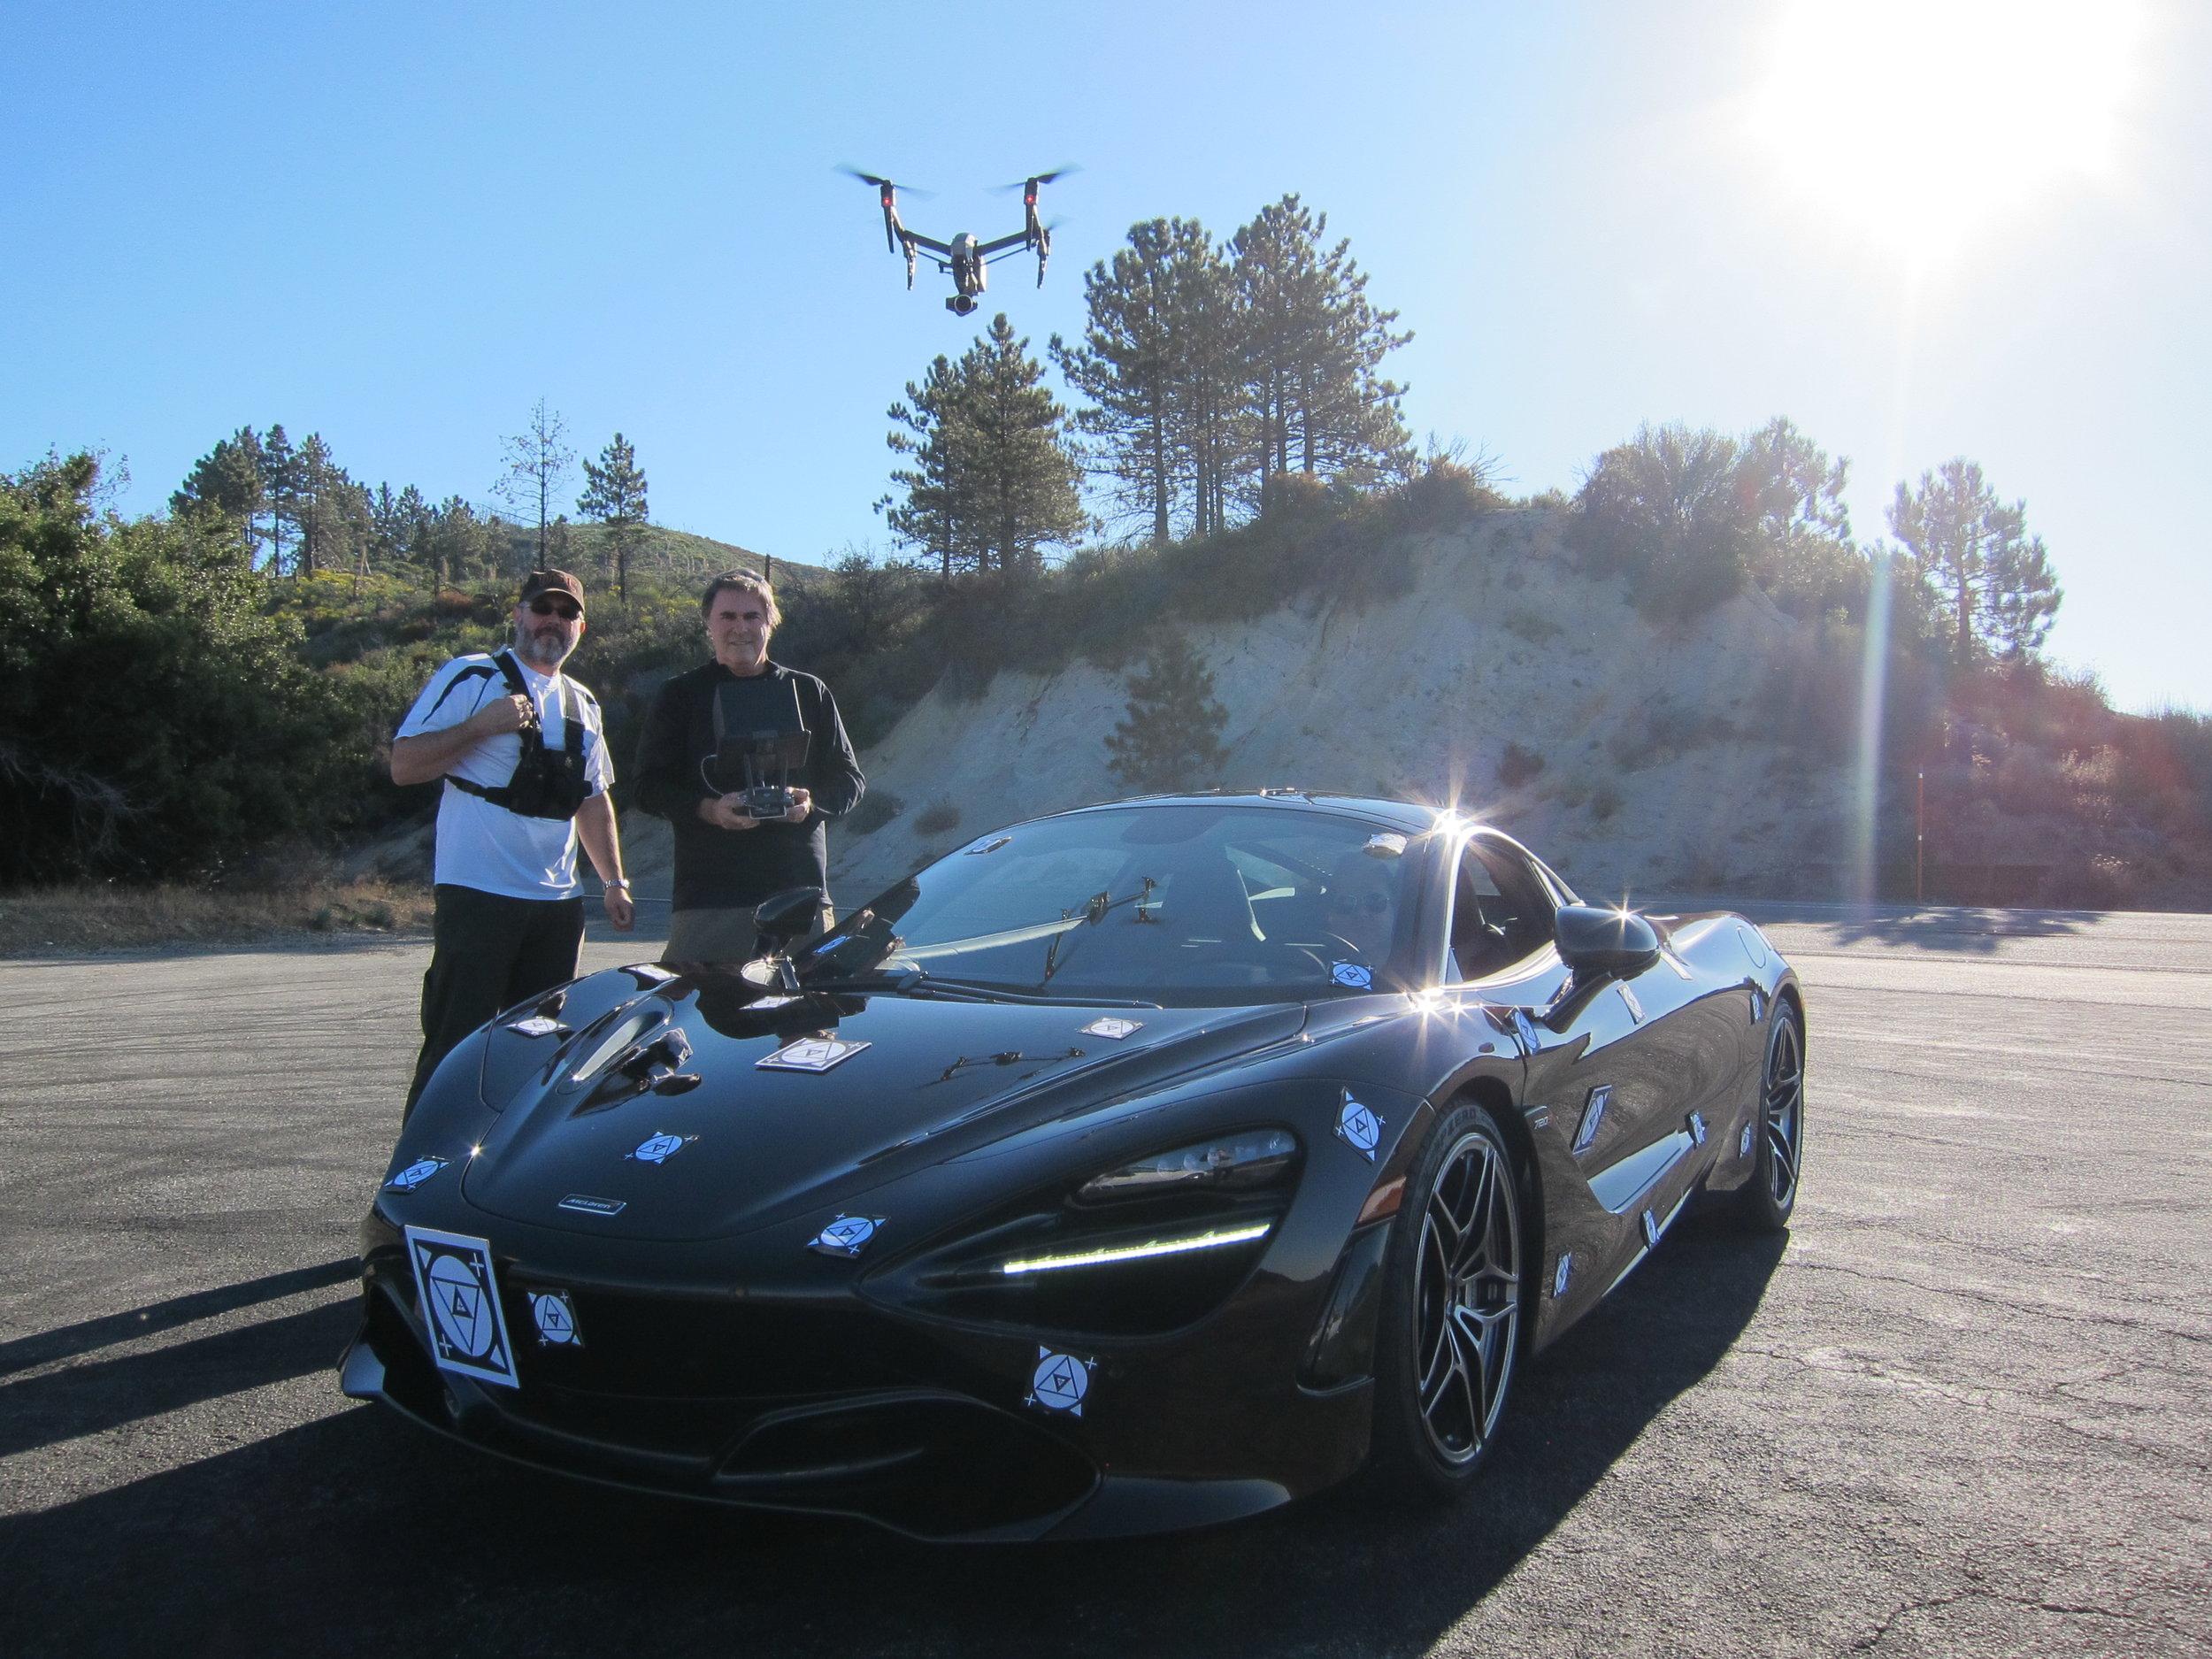 Dronewrx & Industry Sherpa